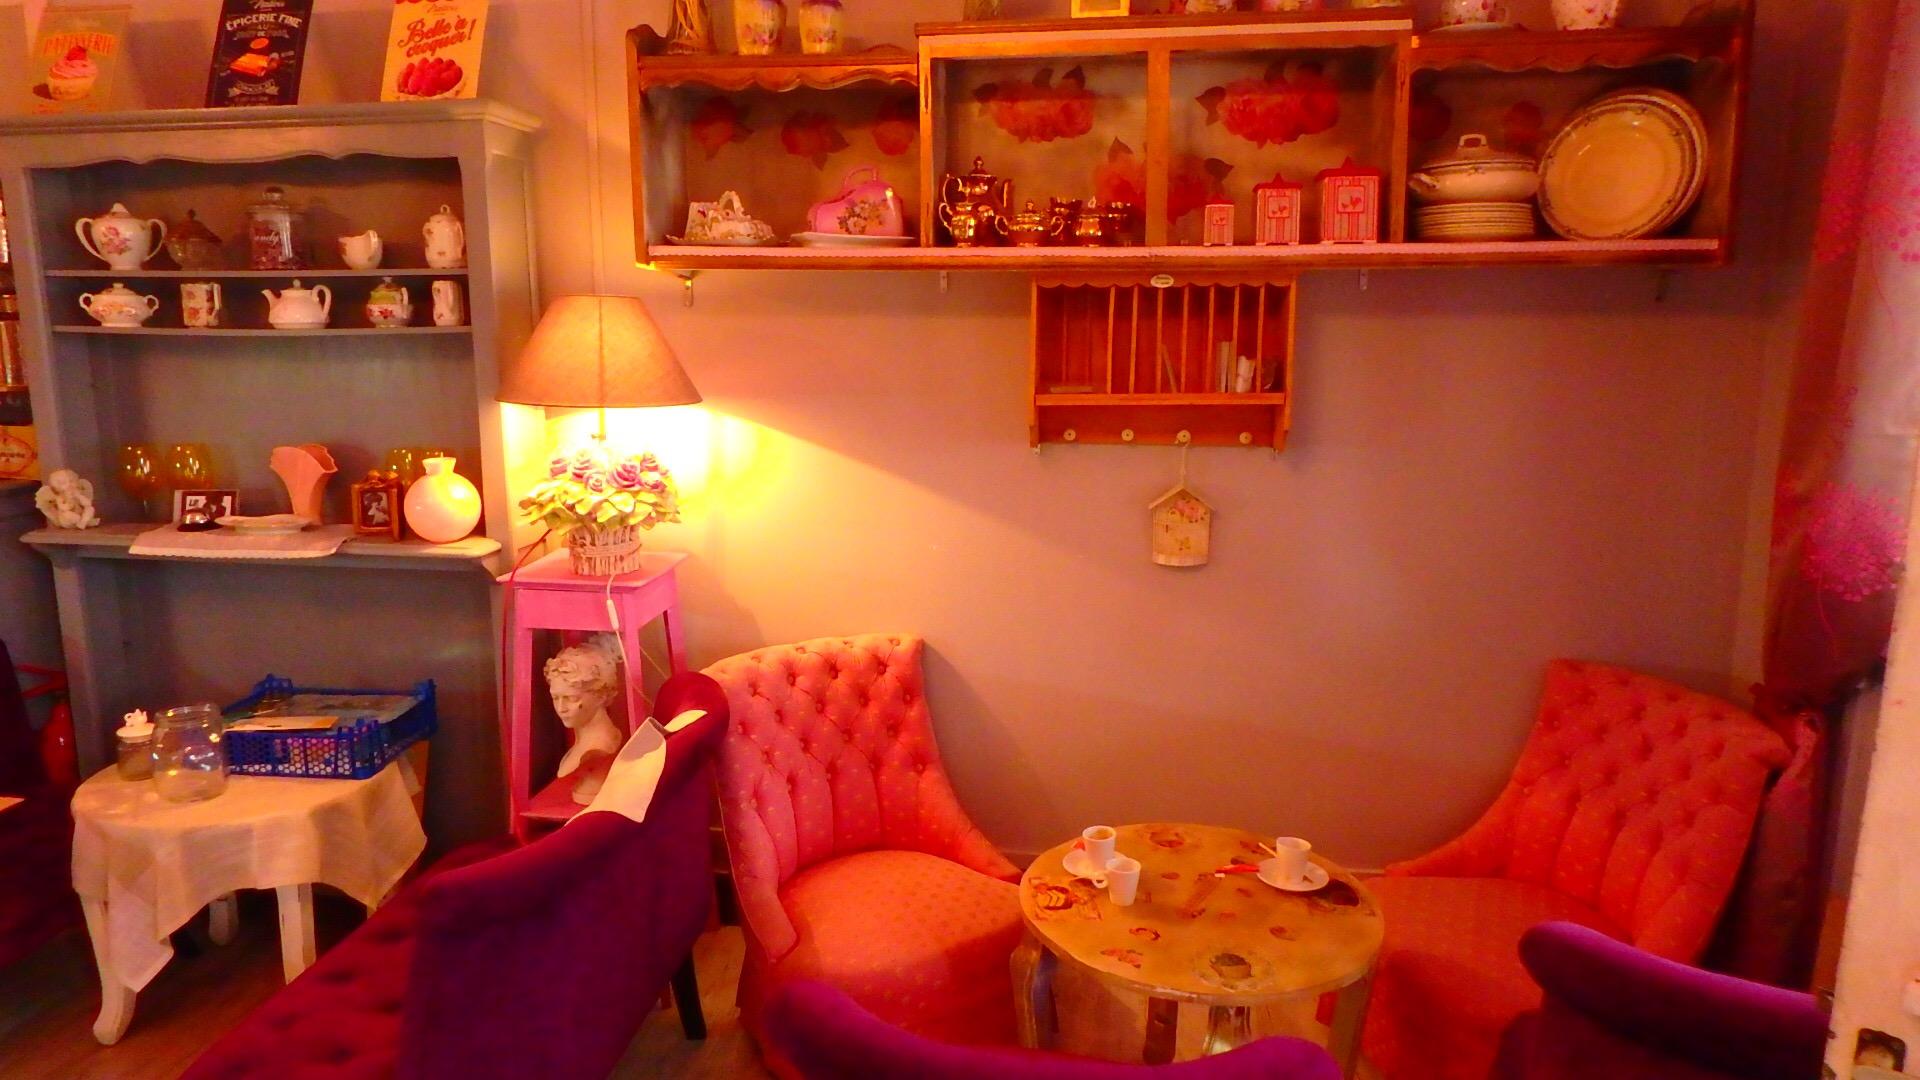 ブブロン村 マカロンショップ 店内カフェスペースも